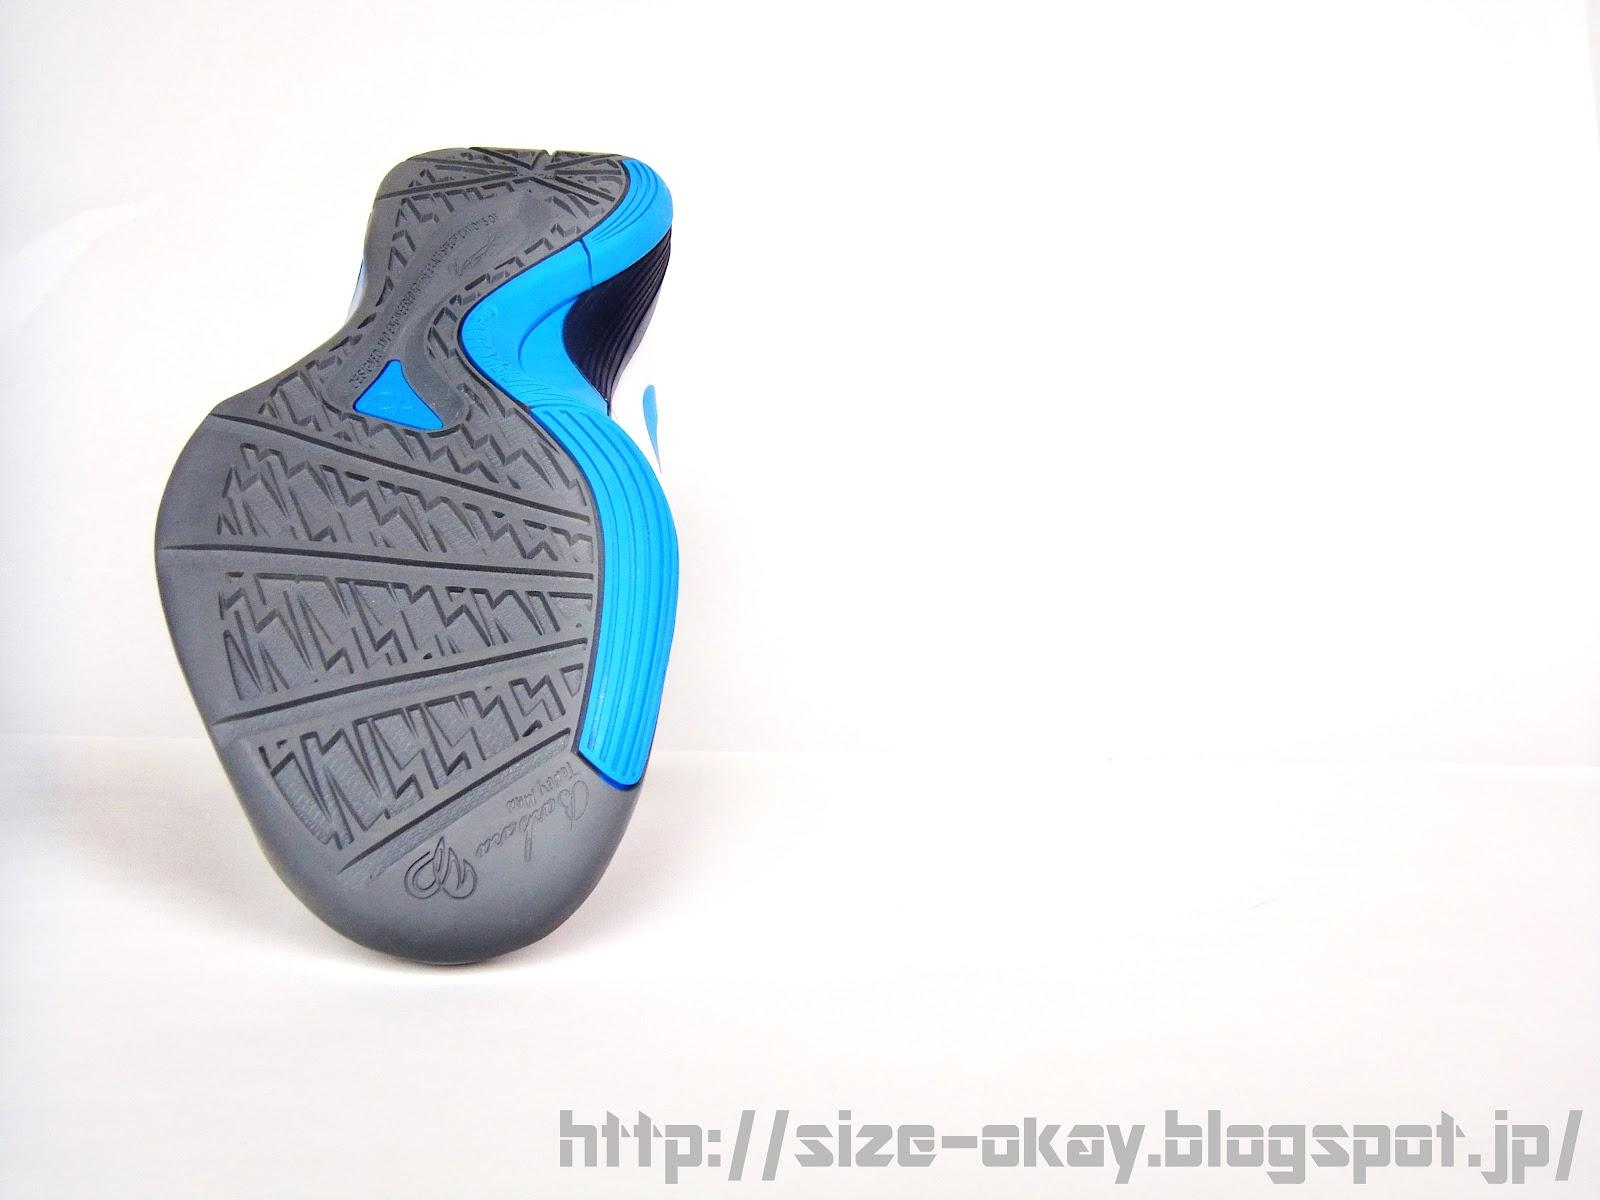 SZOK: Nike Zoom KD IV - Size Okay Performance Review